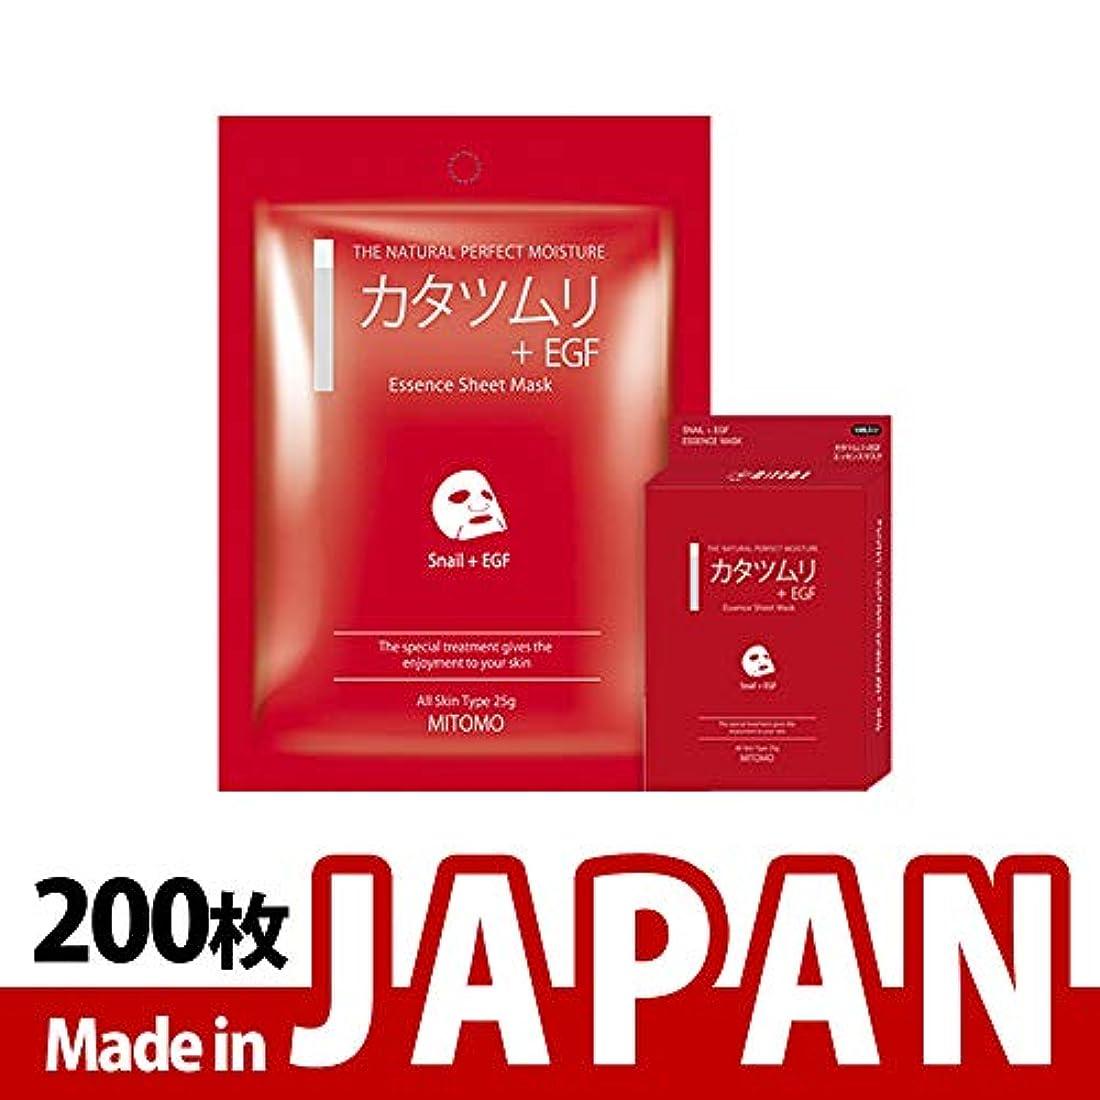 時刻表から聞くお嬢MITOMO【MC001-A-0】日本製シートマスク/10枚入り/200枚/美容液/マスクパック/送料無料